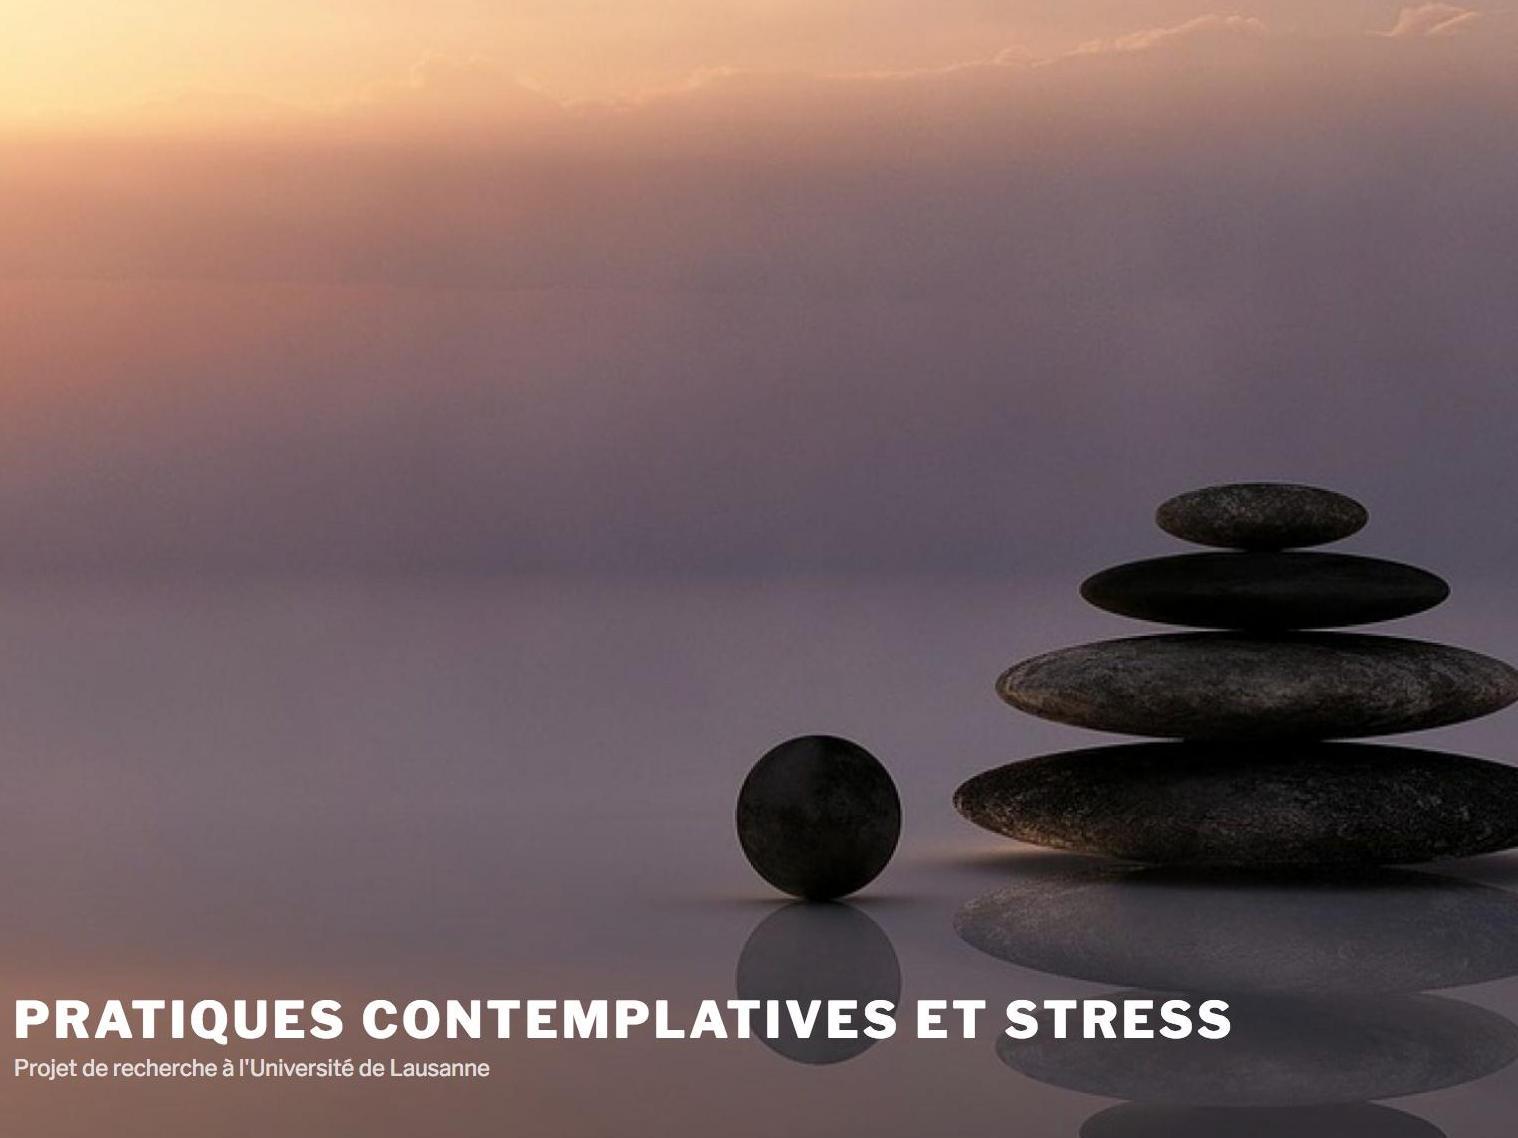 Pratiques contemplatives et stress